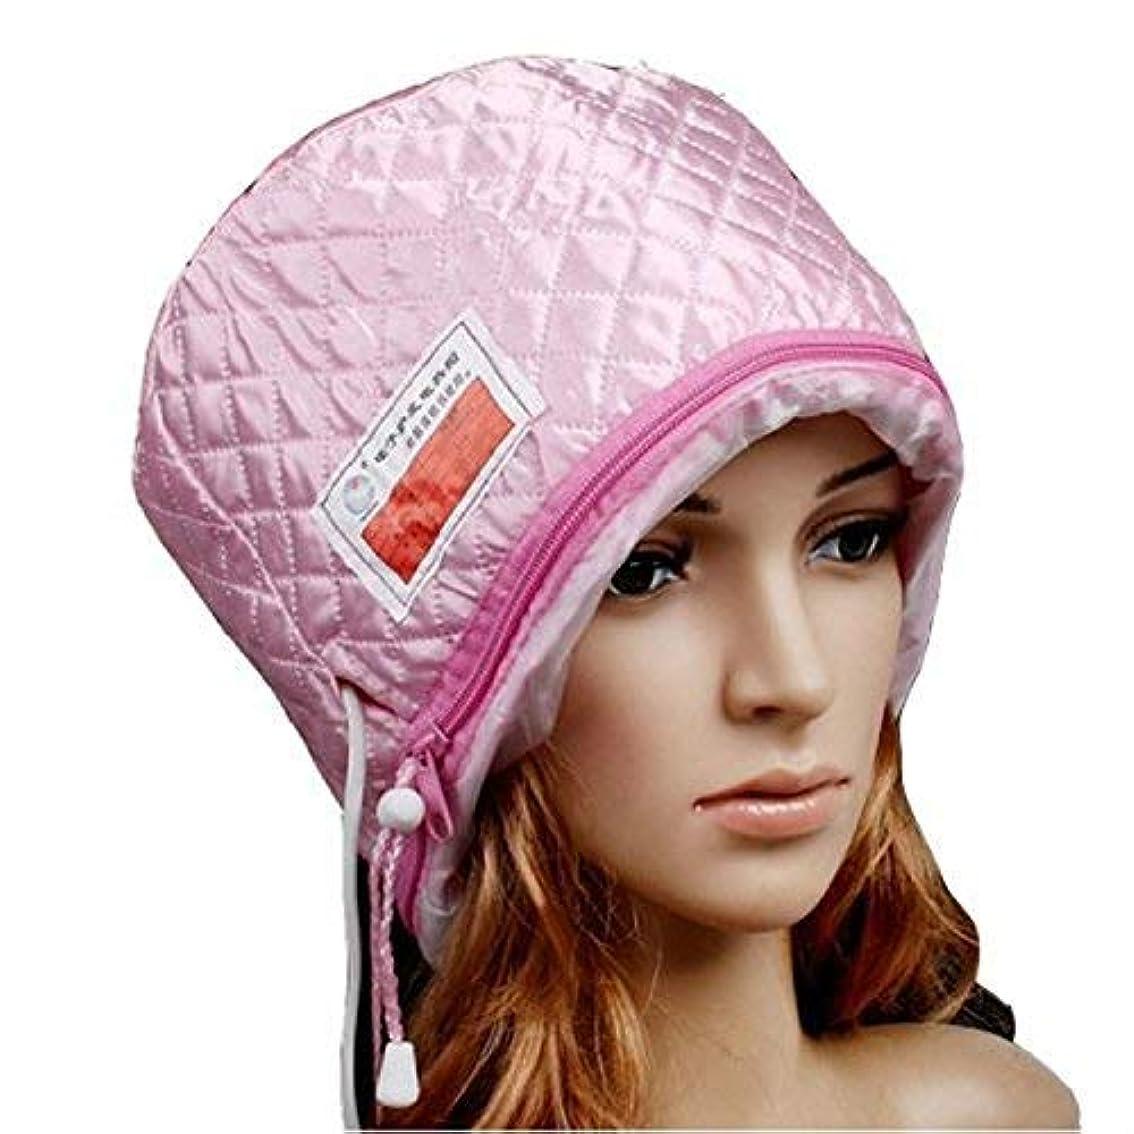 レンド不運ライセンスセキュリティファッションヘアケアヘアメンブレンキャップ電気加熱キャップ美容スチーマー栄養帽子